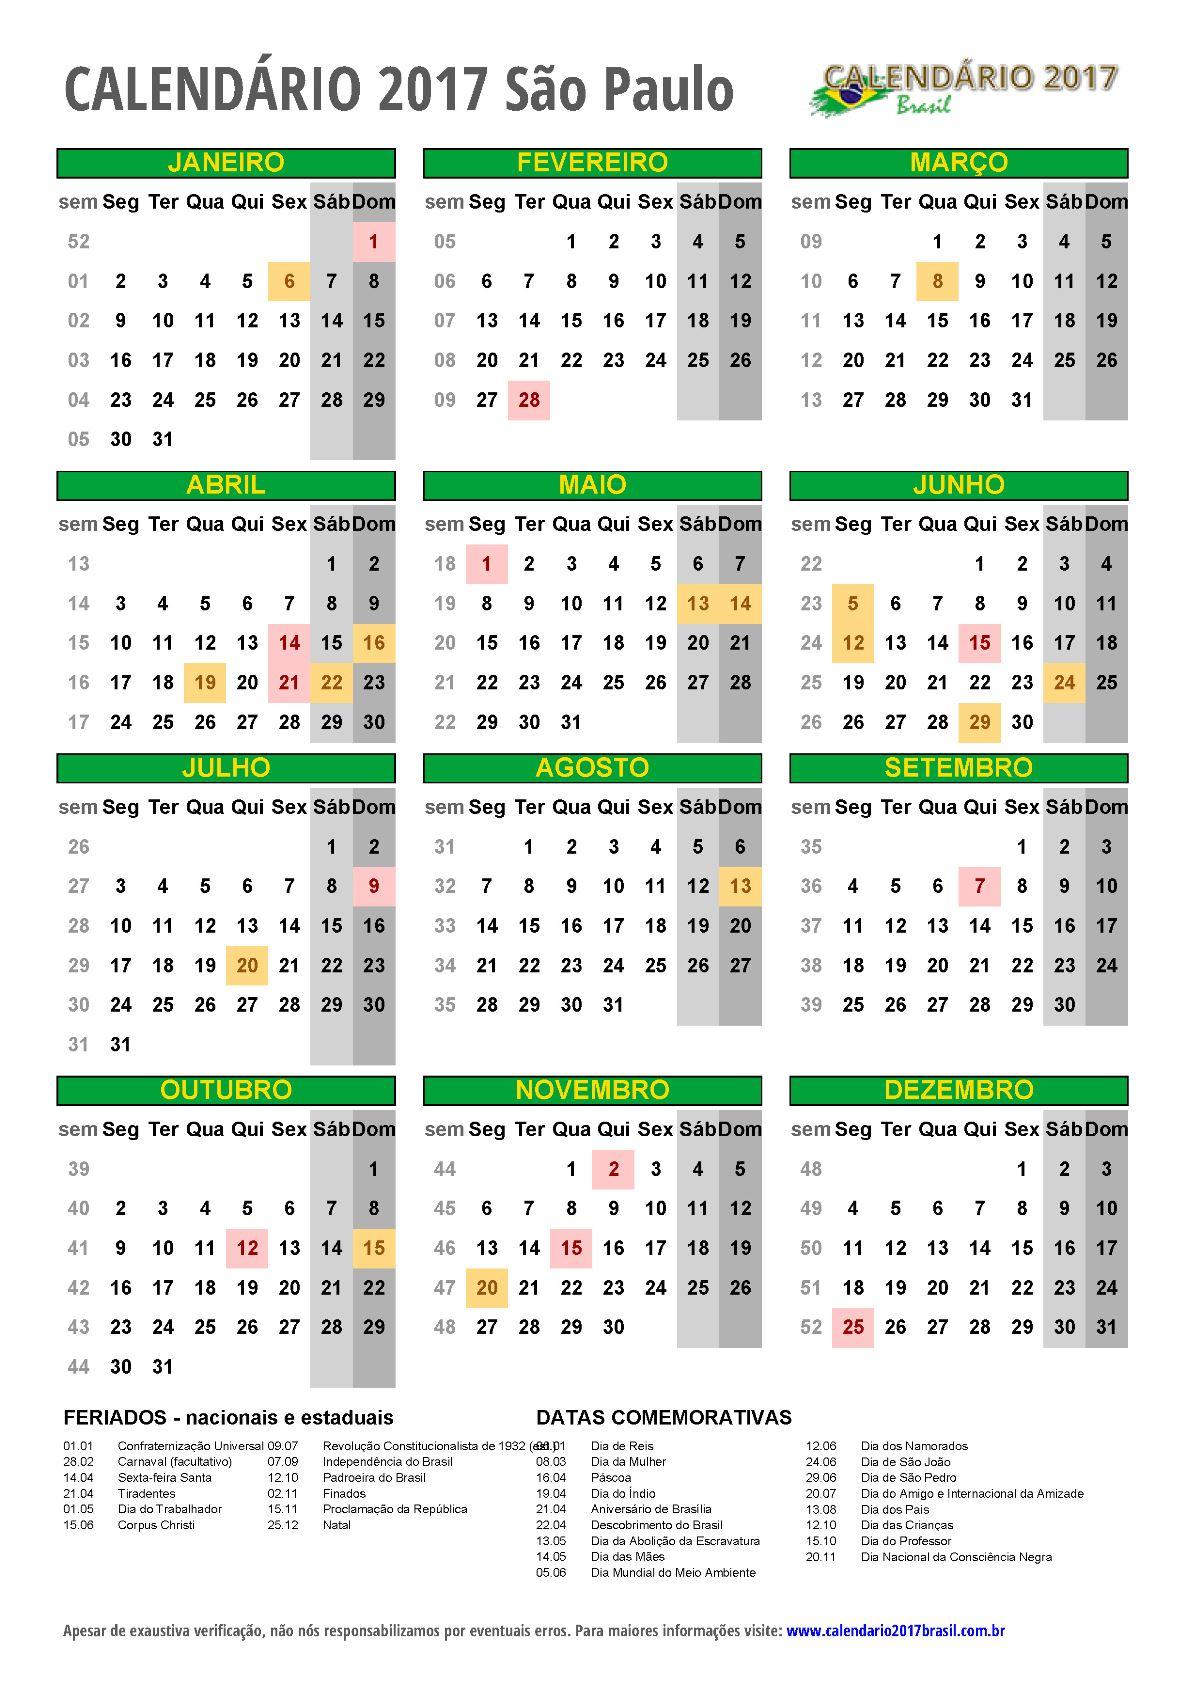 Calendário 2017 para imprimir brasil e todos os estados